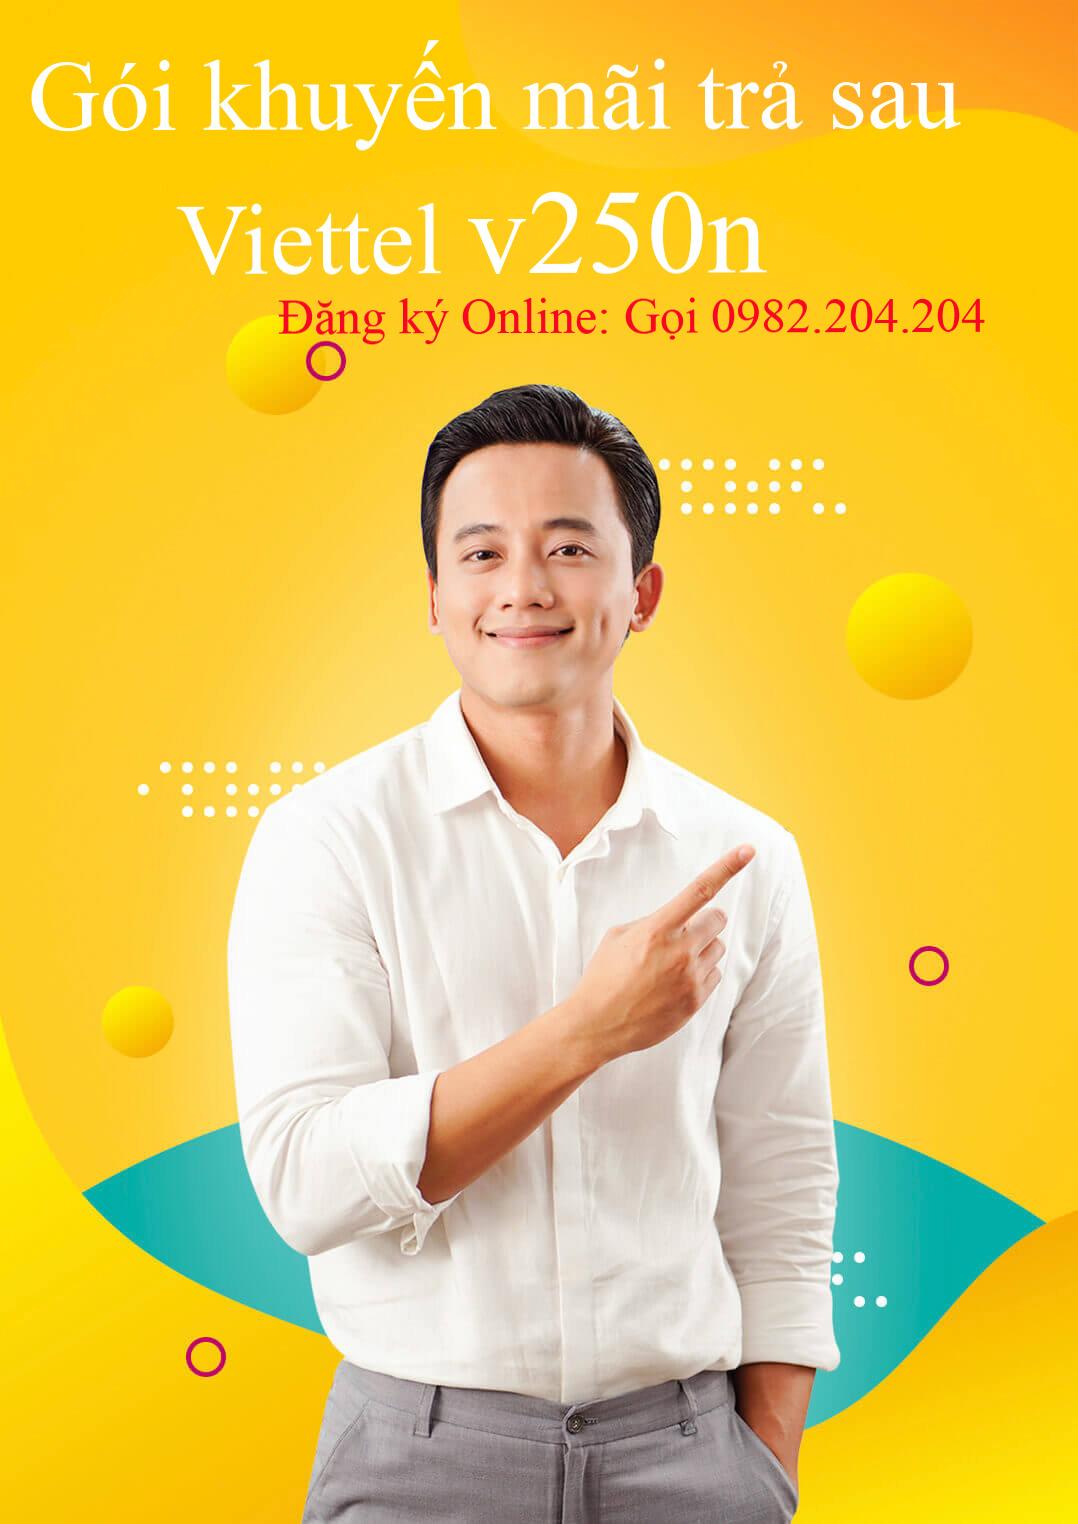 Gói cước khuyến mãi trả sau Viettel V250N Hà Nội